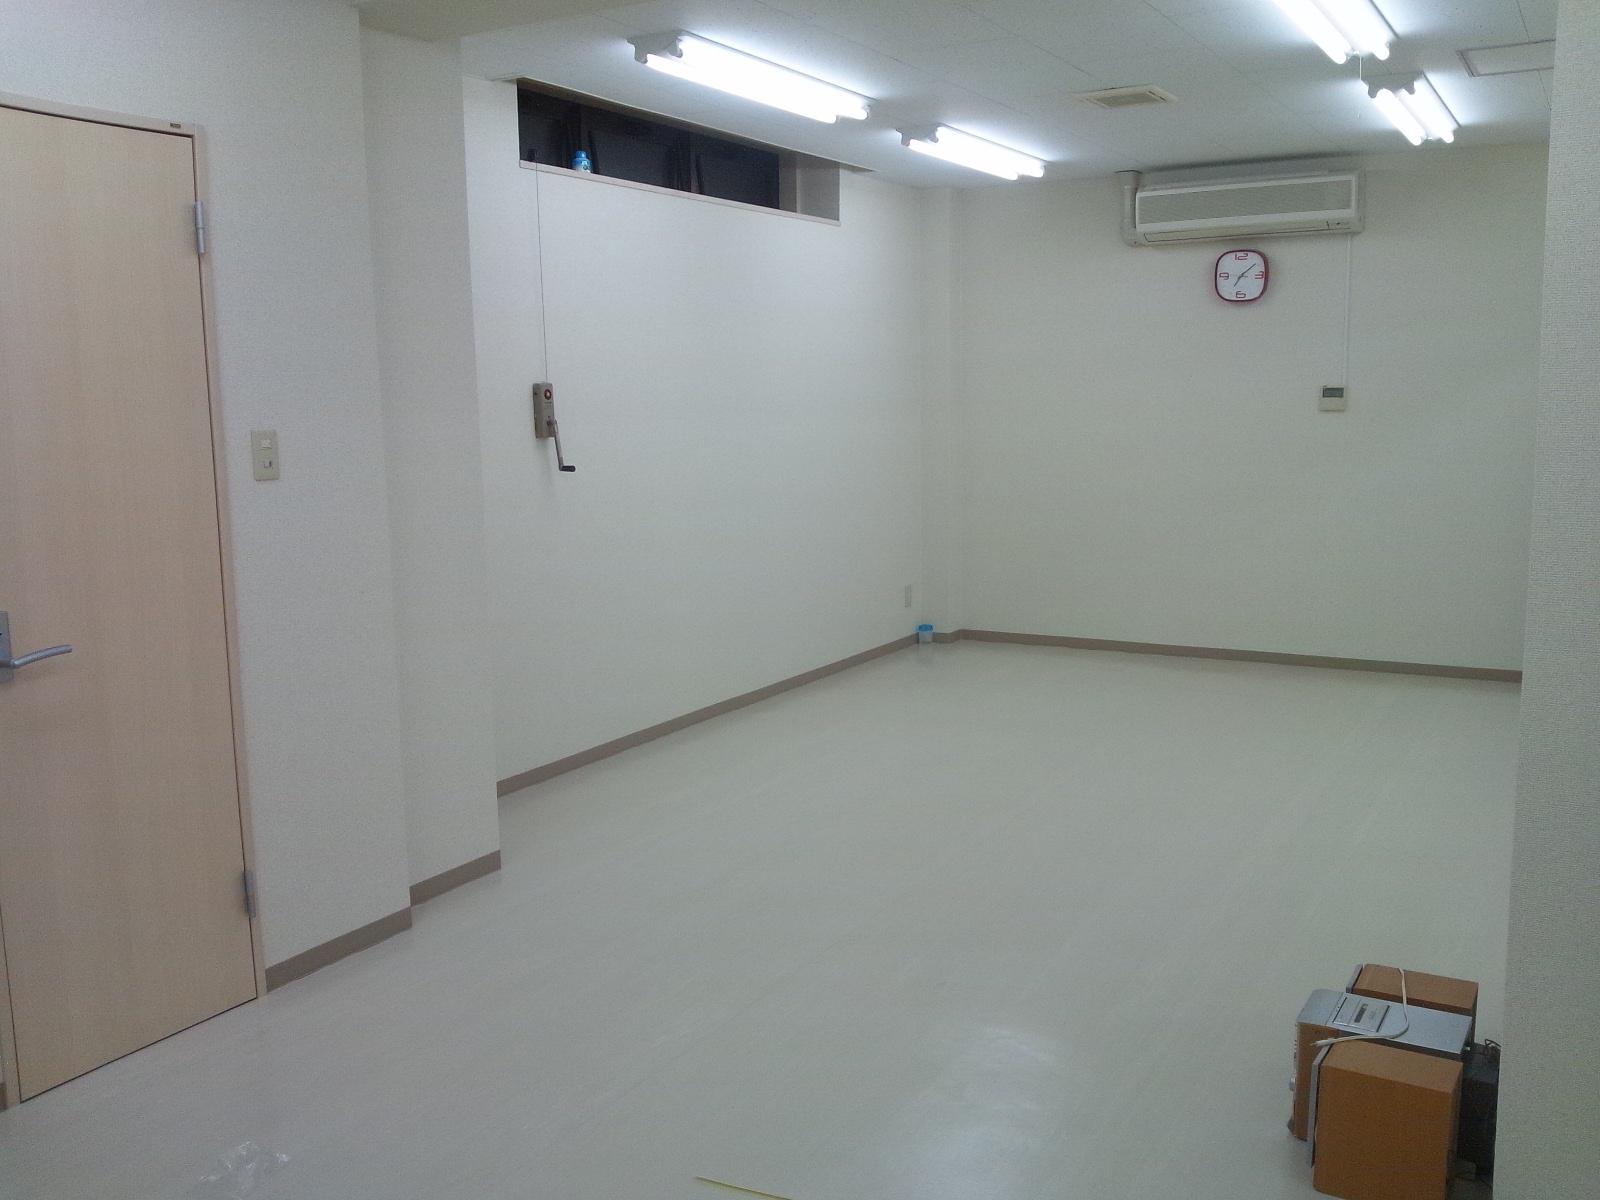 スタジオピアーチェ 江戸川橋店